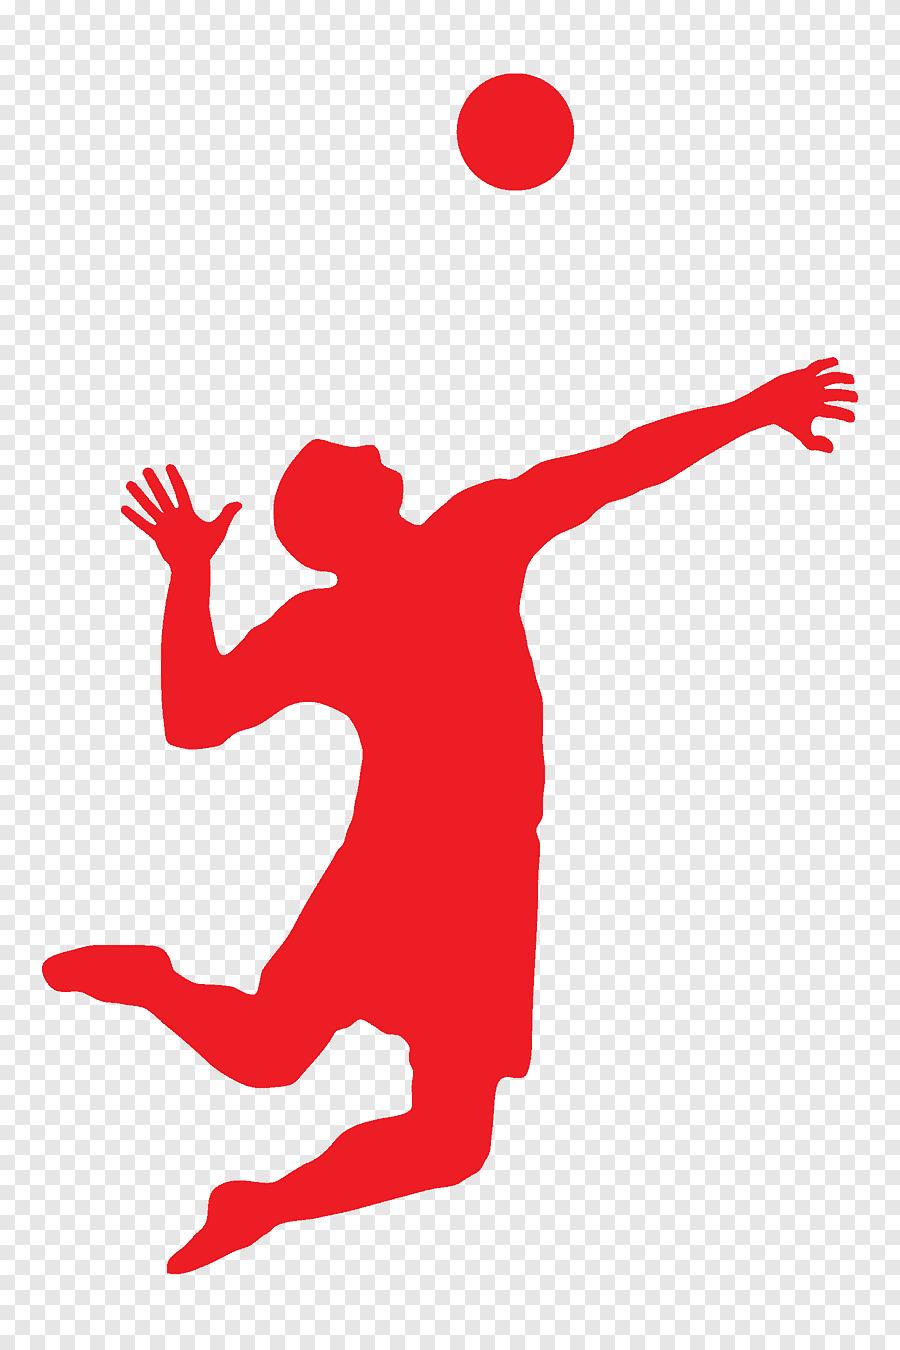 Gambar Bermain Voli : gambar, bermain, Wallyball,, Orang-orang, Bermain, Voli,, PNGEgg